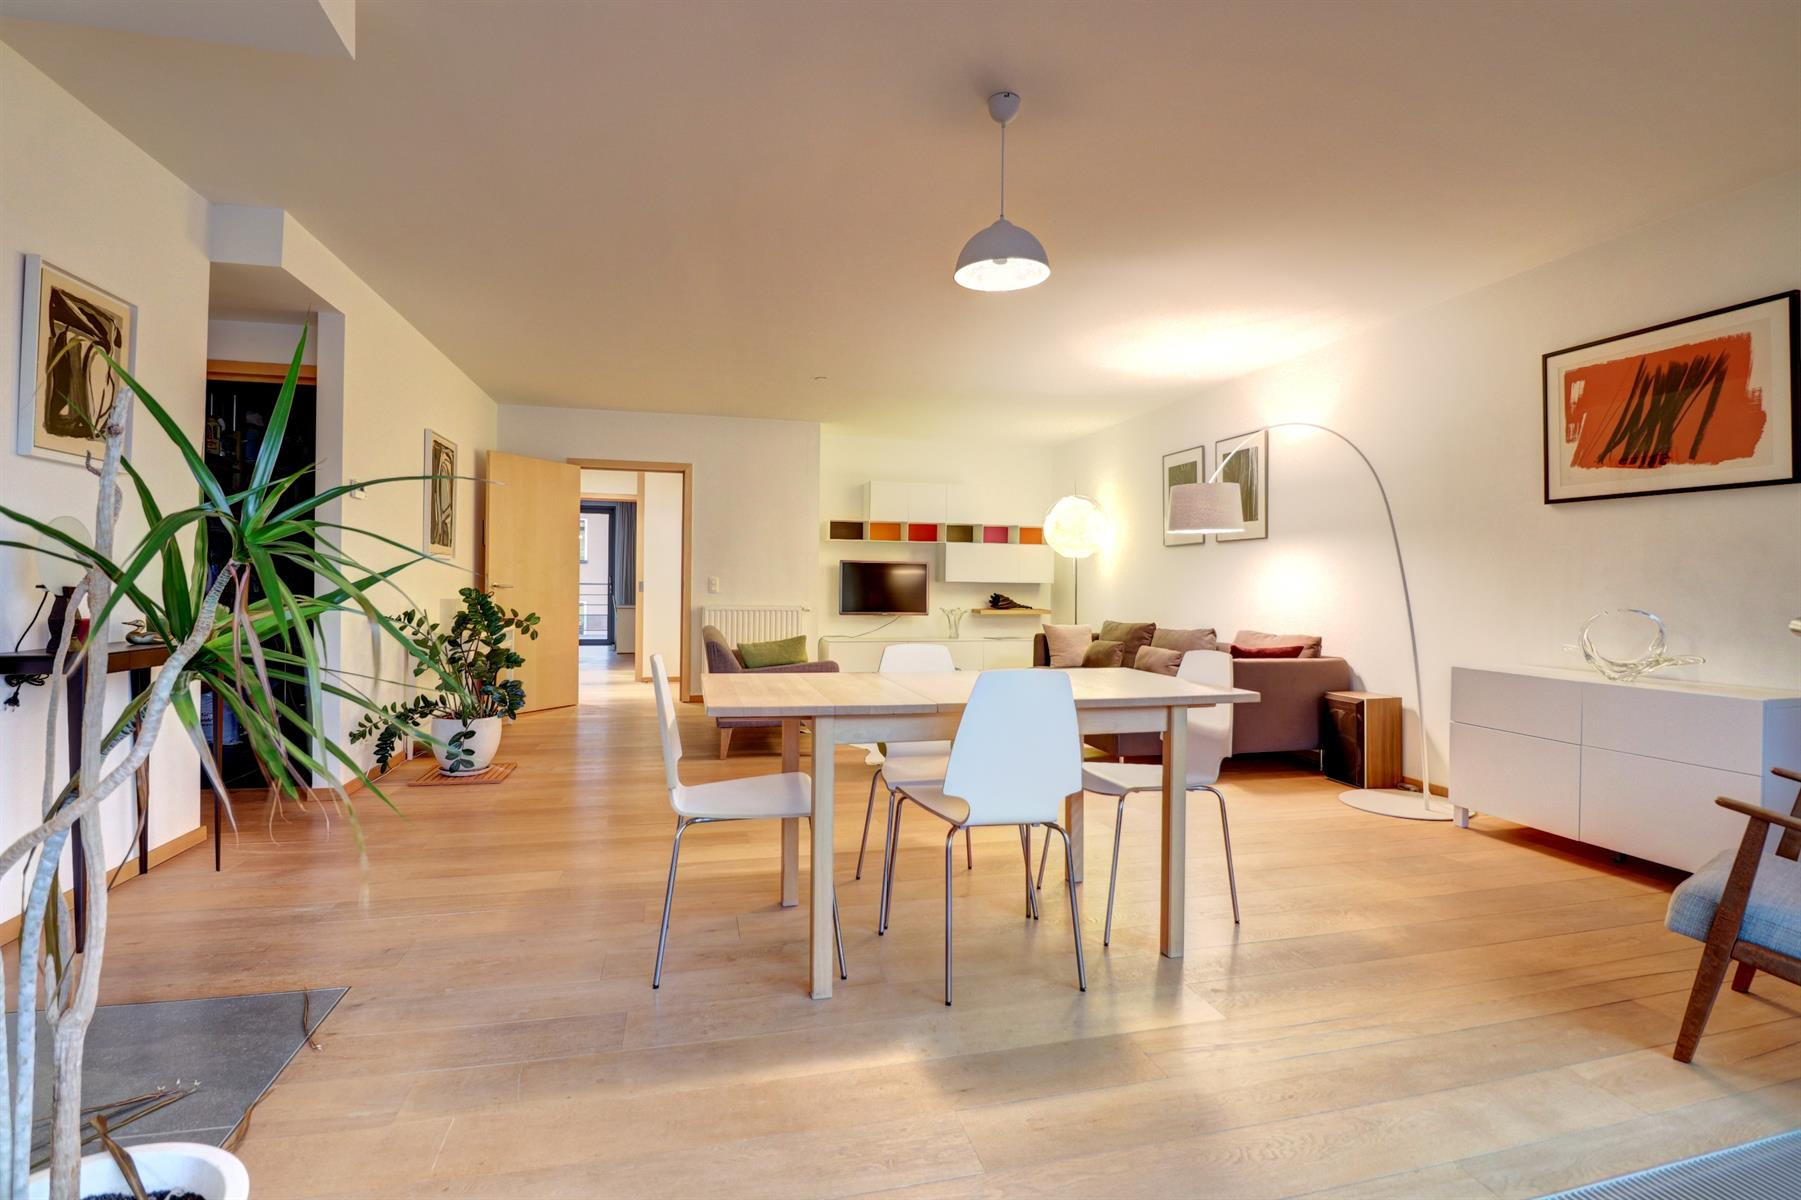 Flat - Ixelles - #4225896-3